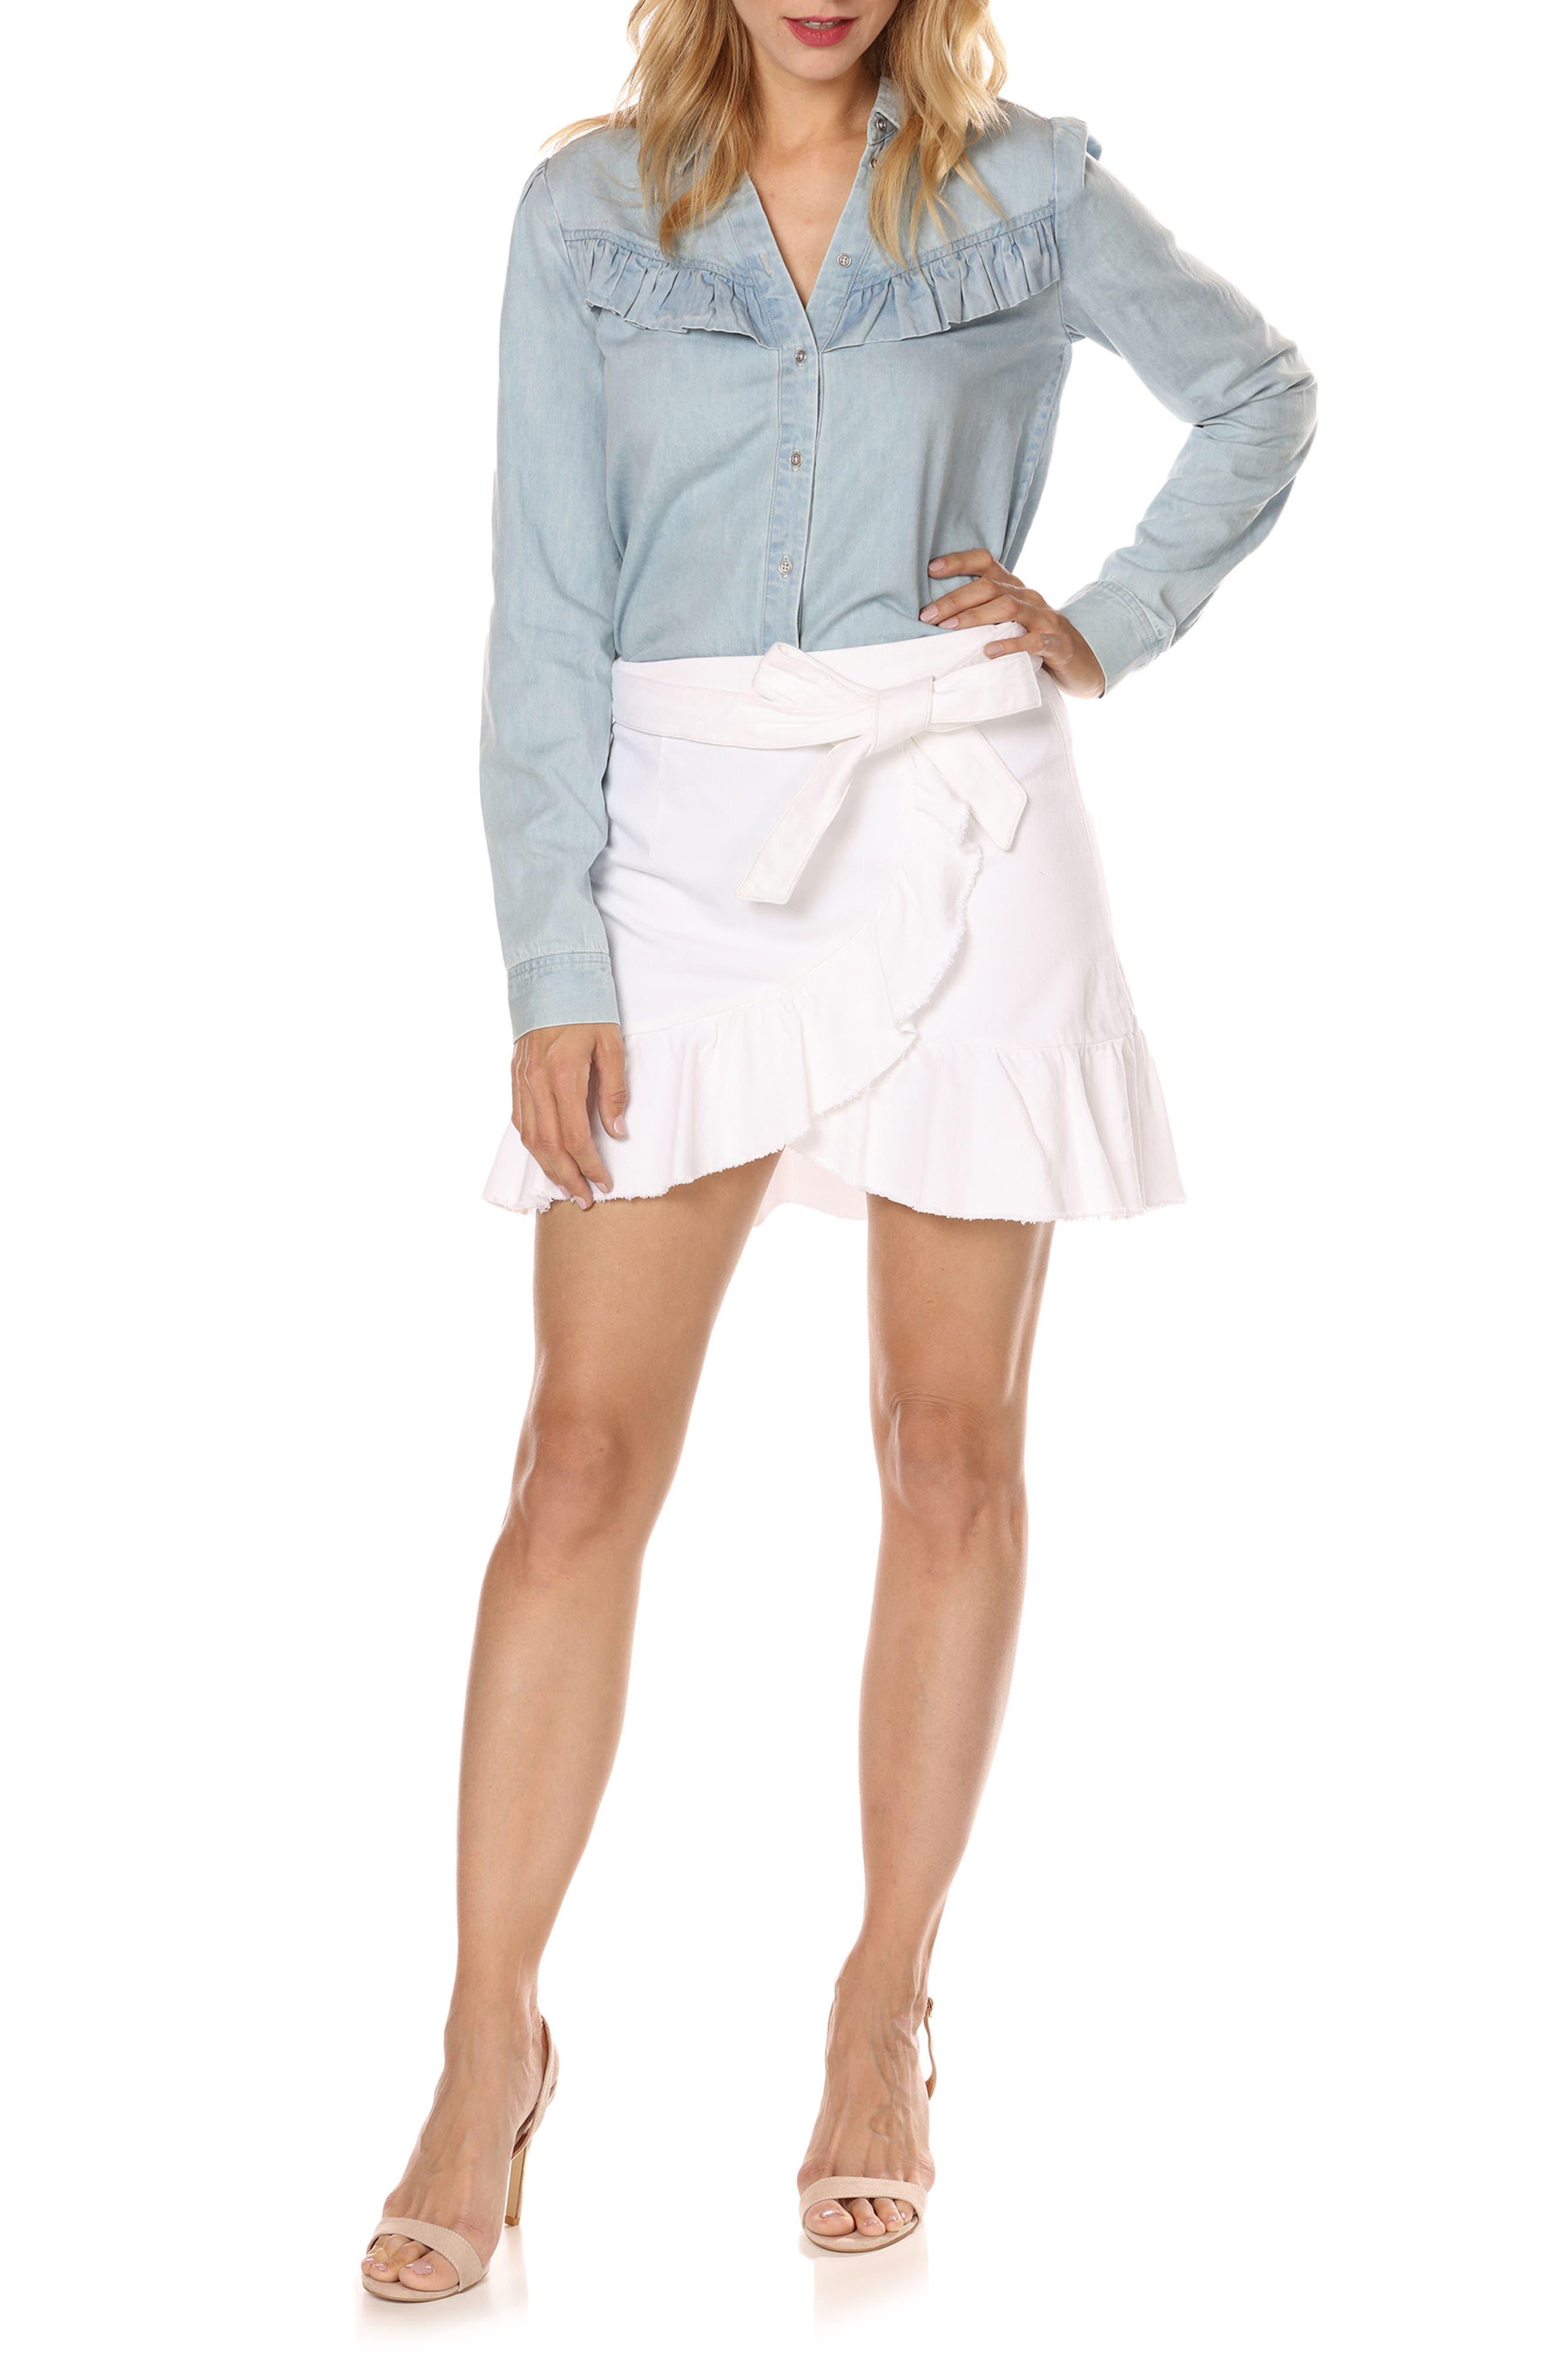 Nivelle Ruffle Denim Skirt,                             Alternate thumbnail 3, color,                             Crisp White